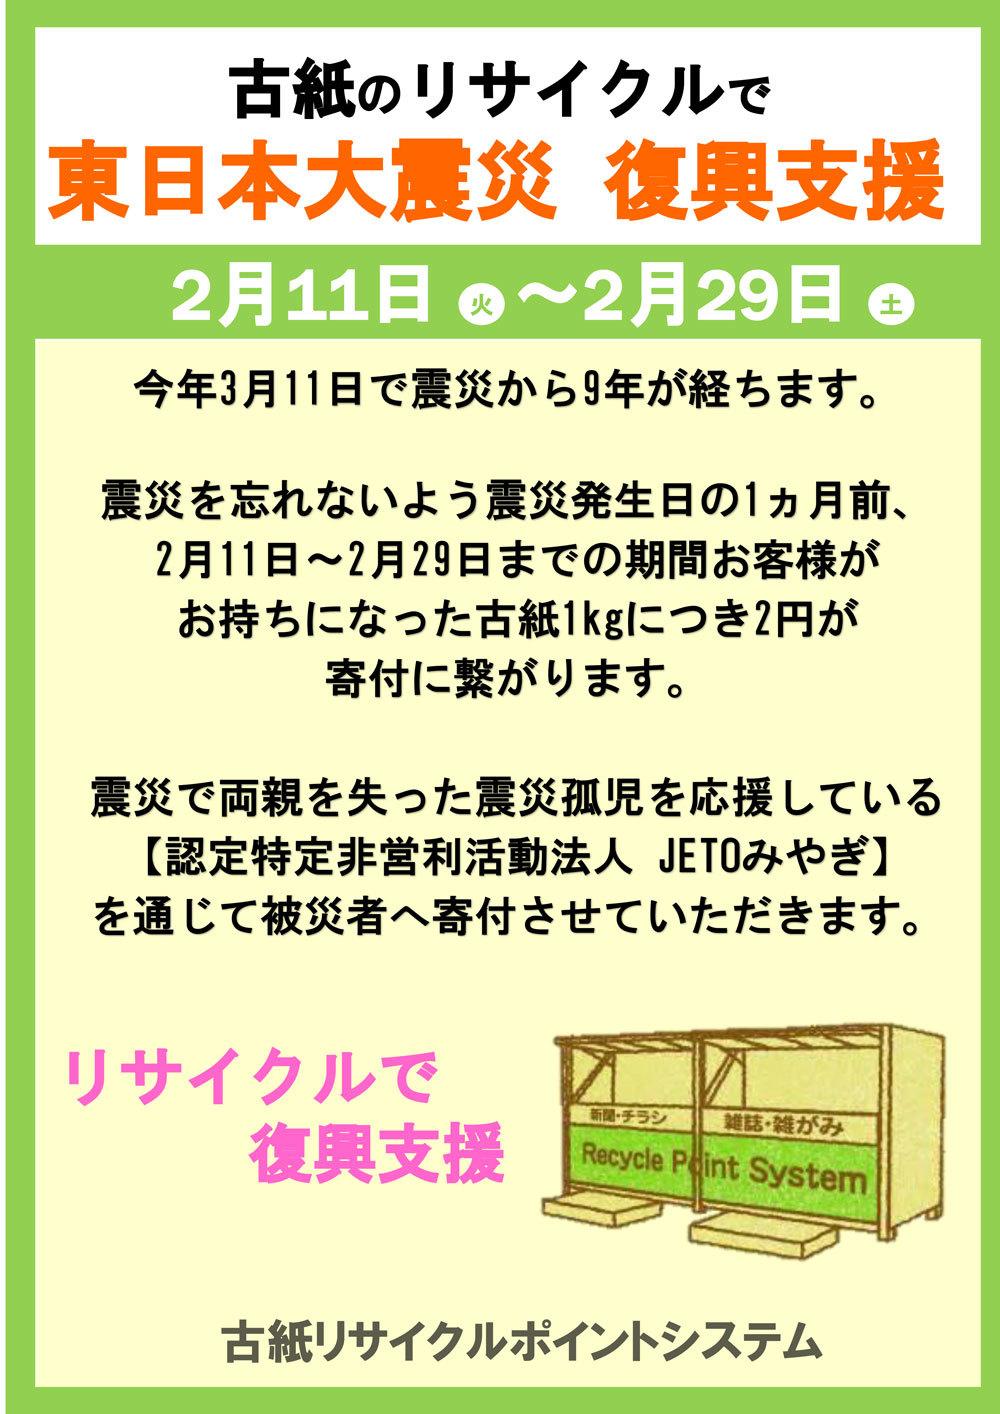 みやぎ生協様・株式会社サイコー様によるイベントのお知らせ